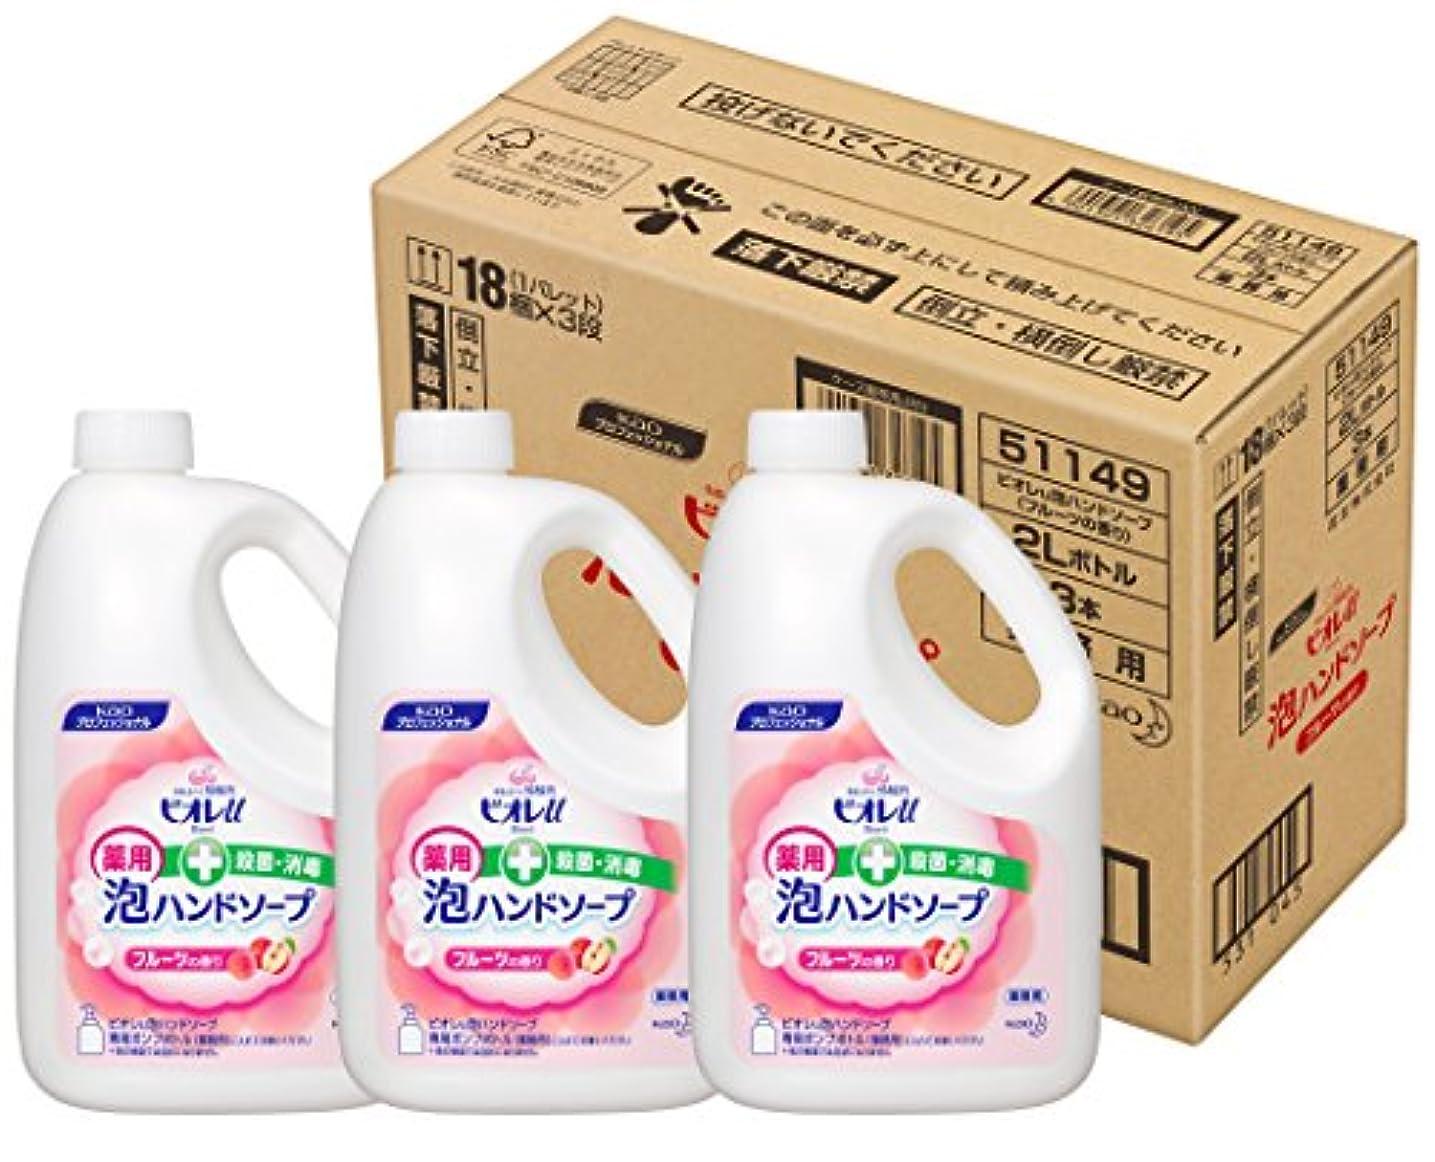 習字期限策定する【ケース販売 業務用 泡ハンドソープ】ビオレu 泡ハンドソープ フルーツの香り 2L×3(プロフェッショナルシリーズ)